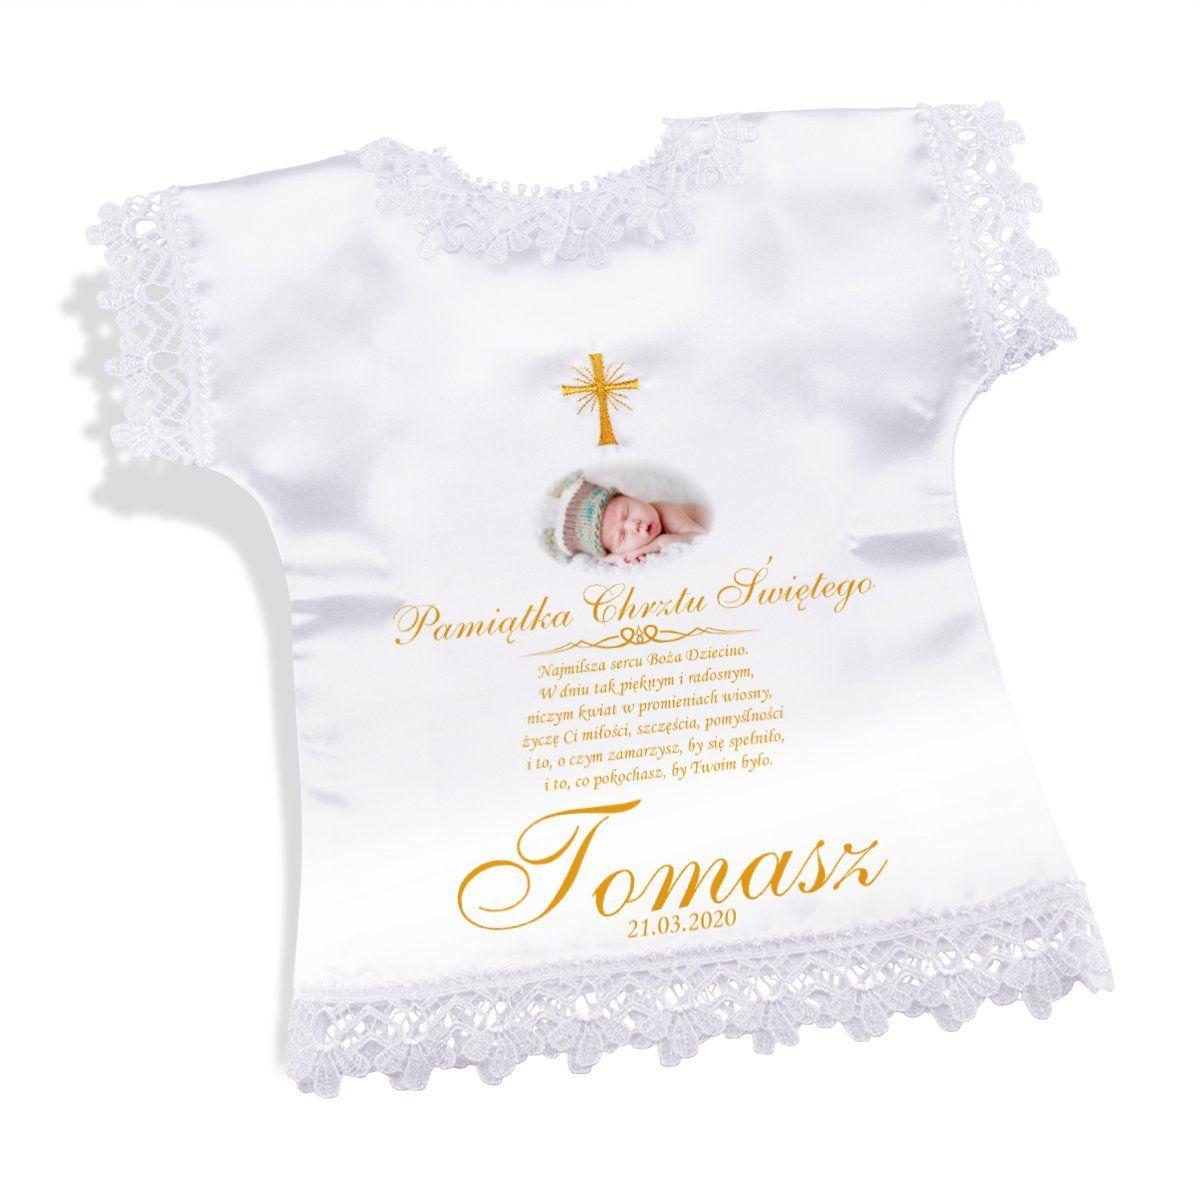 Szatka Złoty Krzyż na Chrzest Pamiątka Dowolne Zdjęcie Grafika